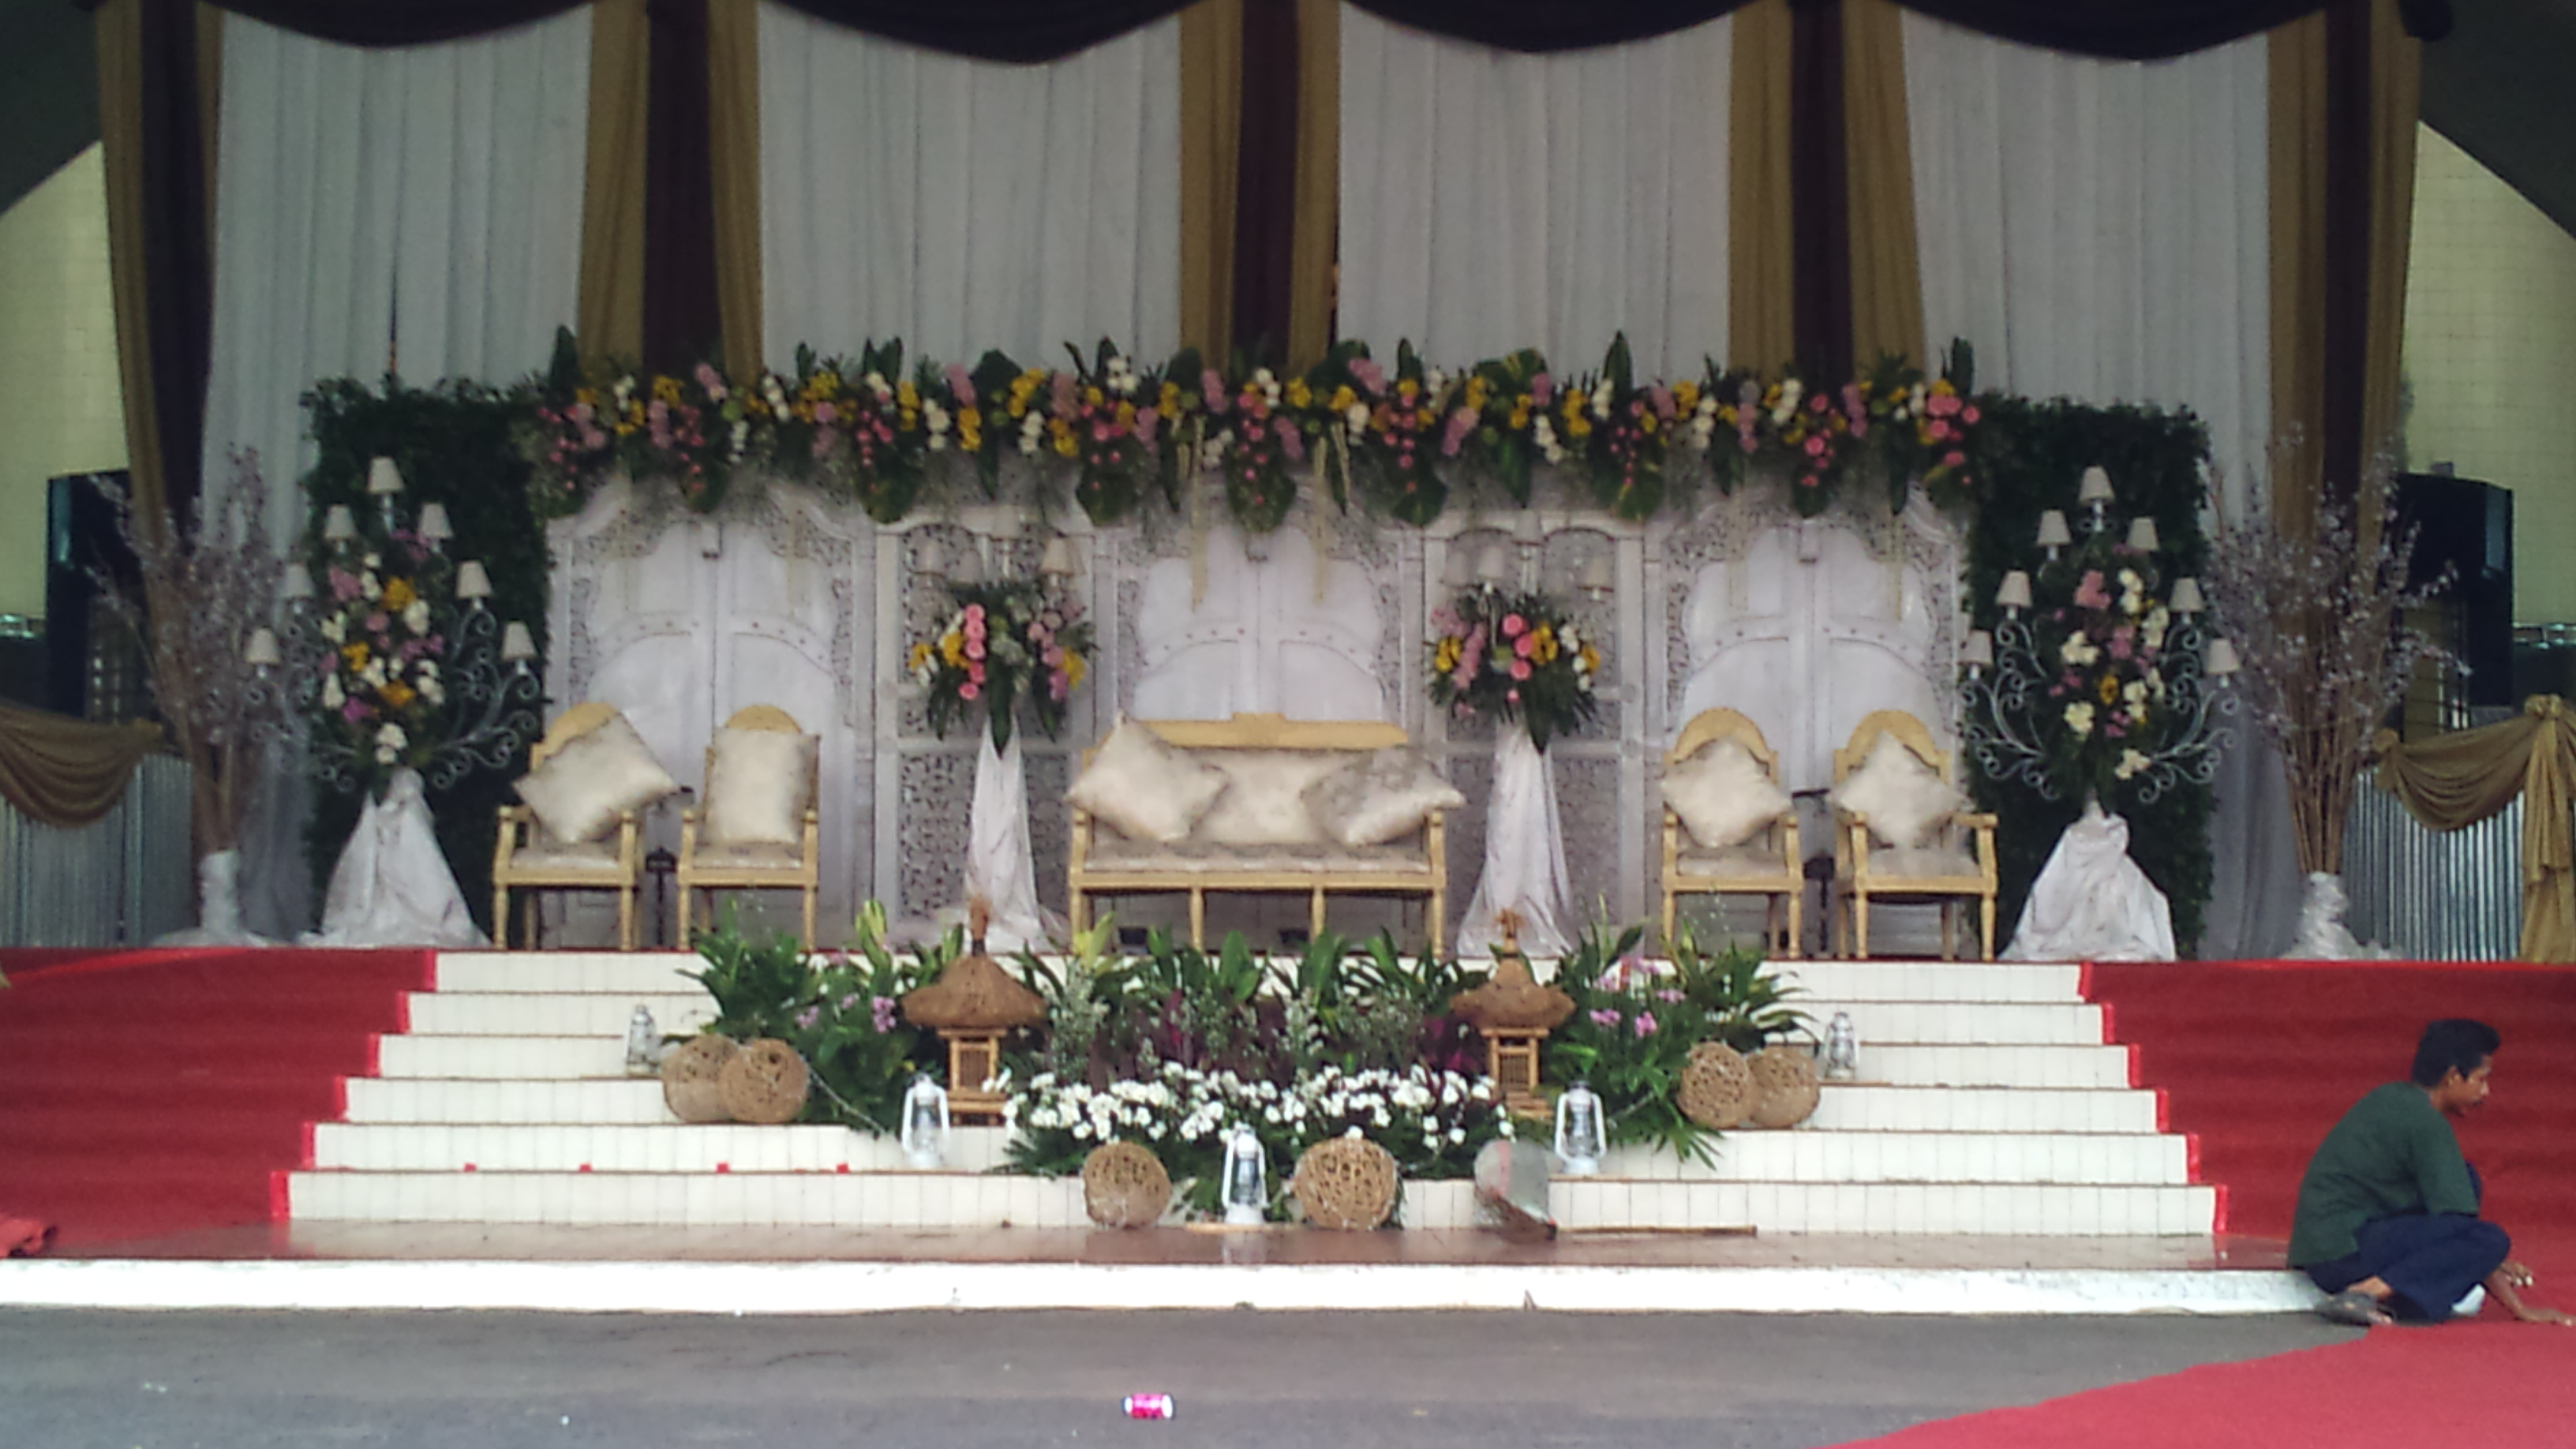 Rangkaian Bunga Pelaminan Adat Bunga Papan Standingflower Jakarta